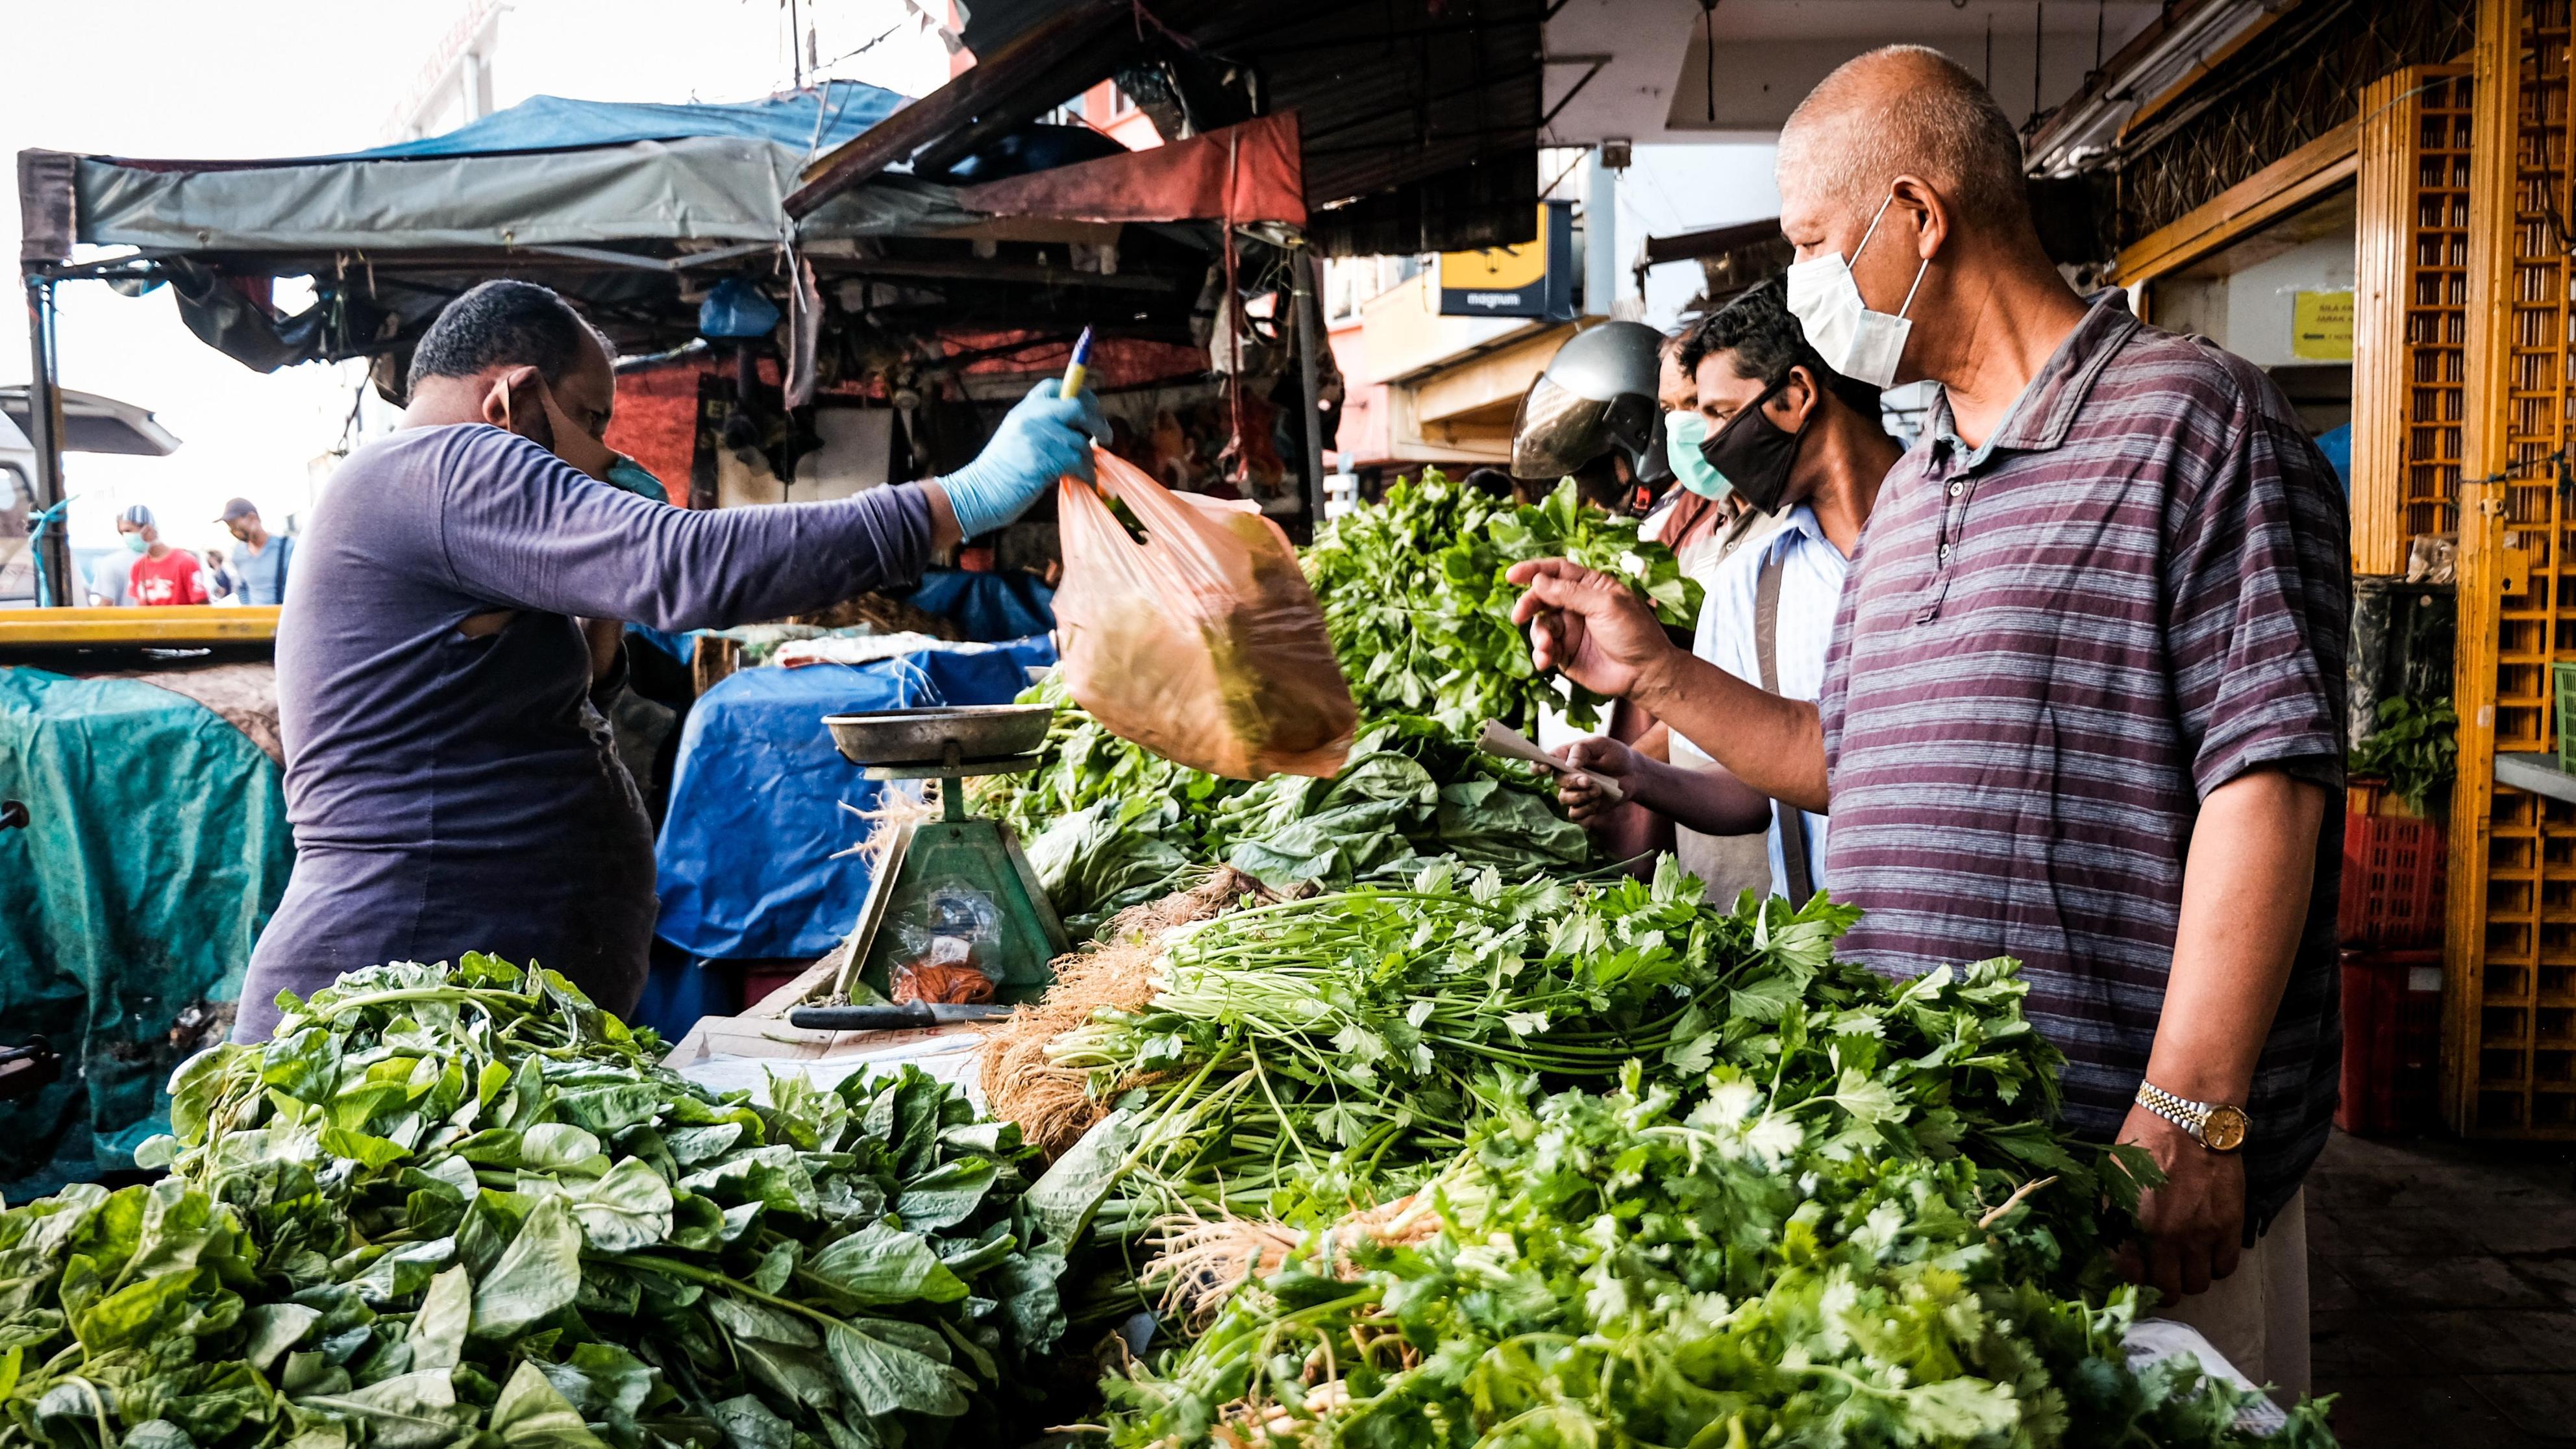 活動制限令の緩和後に食料品を買い求める人々=4日、クアラルンプール(ゲッティ=共同)